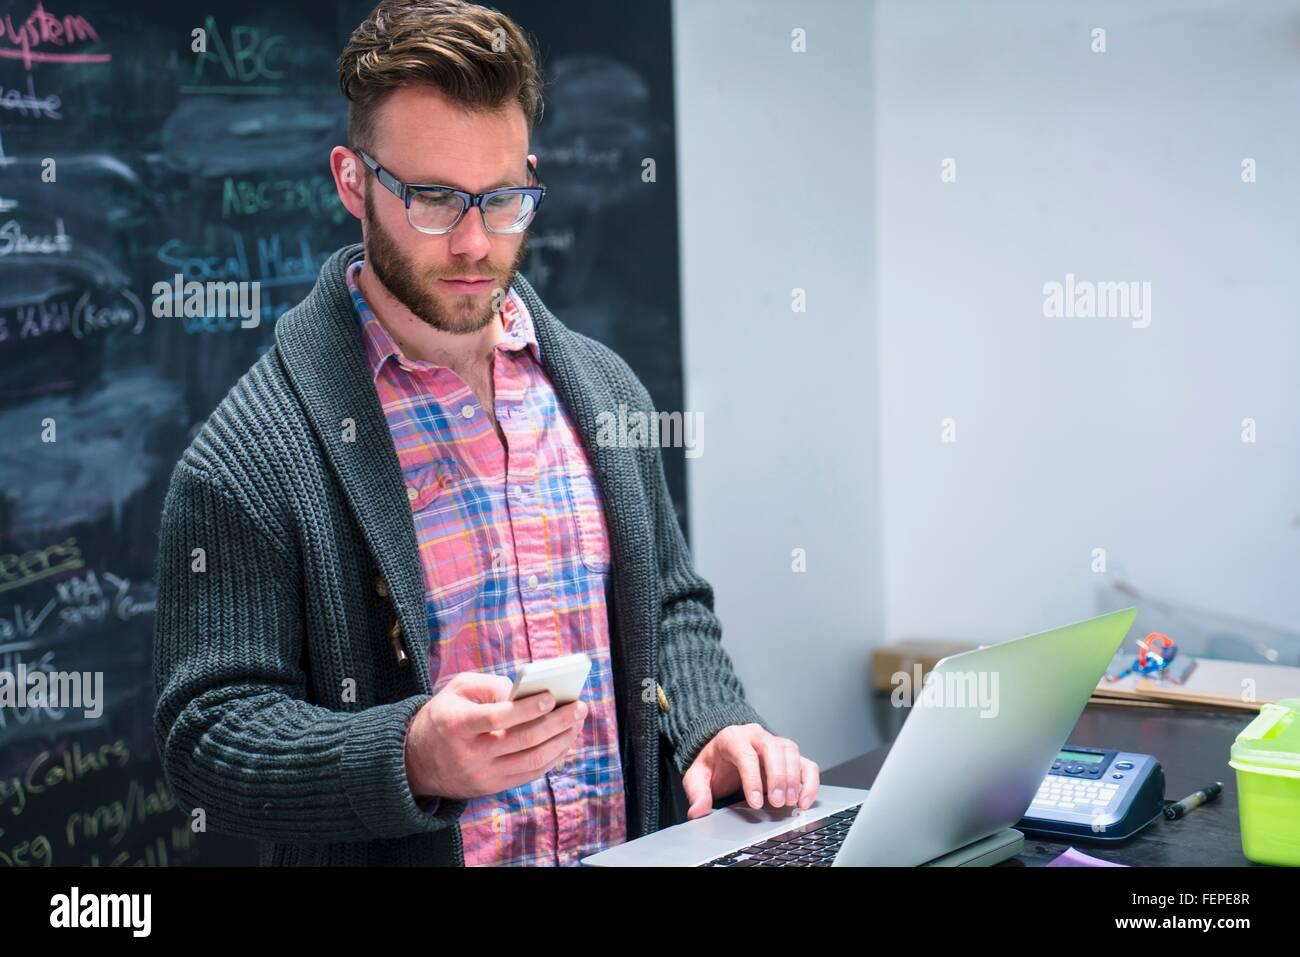 Jeune homme dans le lieu de travail à l'aide d'ordinateur portable looking at smartphone Banque D'Images